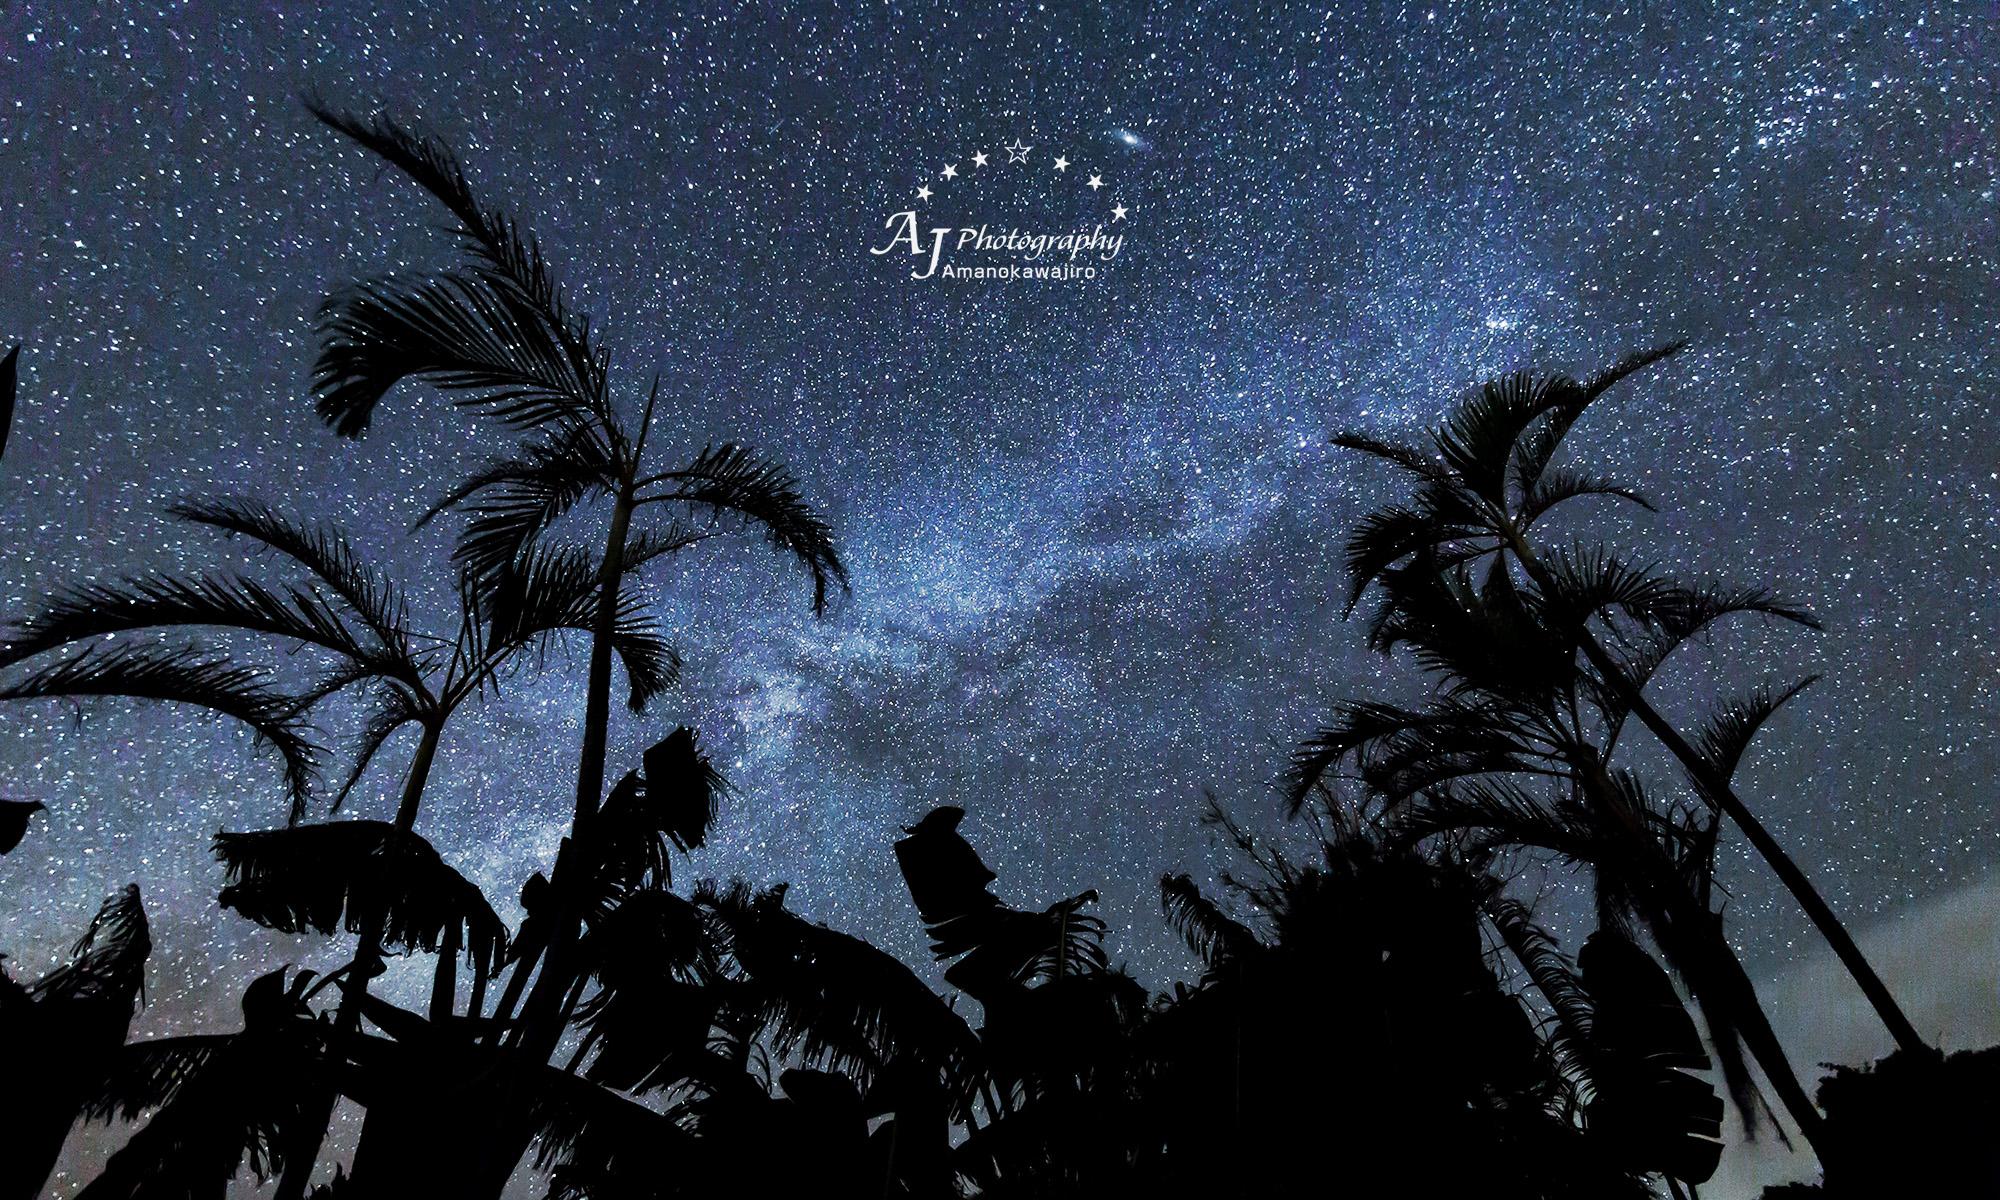 南の島の星空ツアー|石垣島スタークラブ